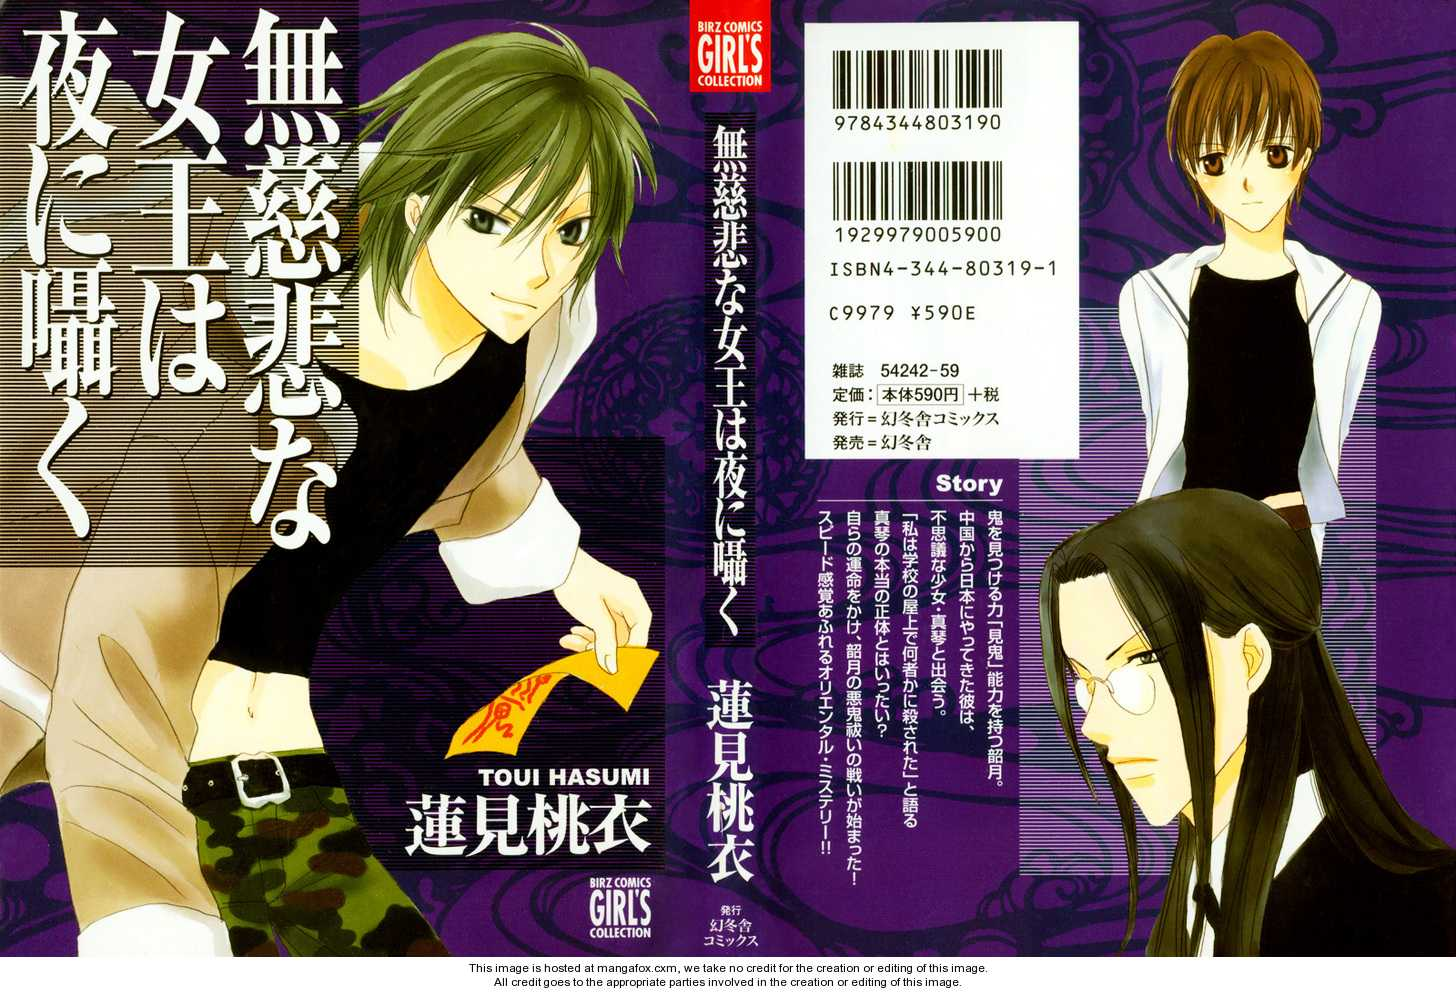 Mujihi na Jouou wa Yoru ni Sasayaku 1 Page 1